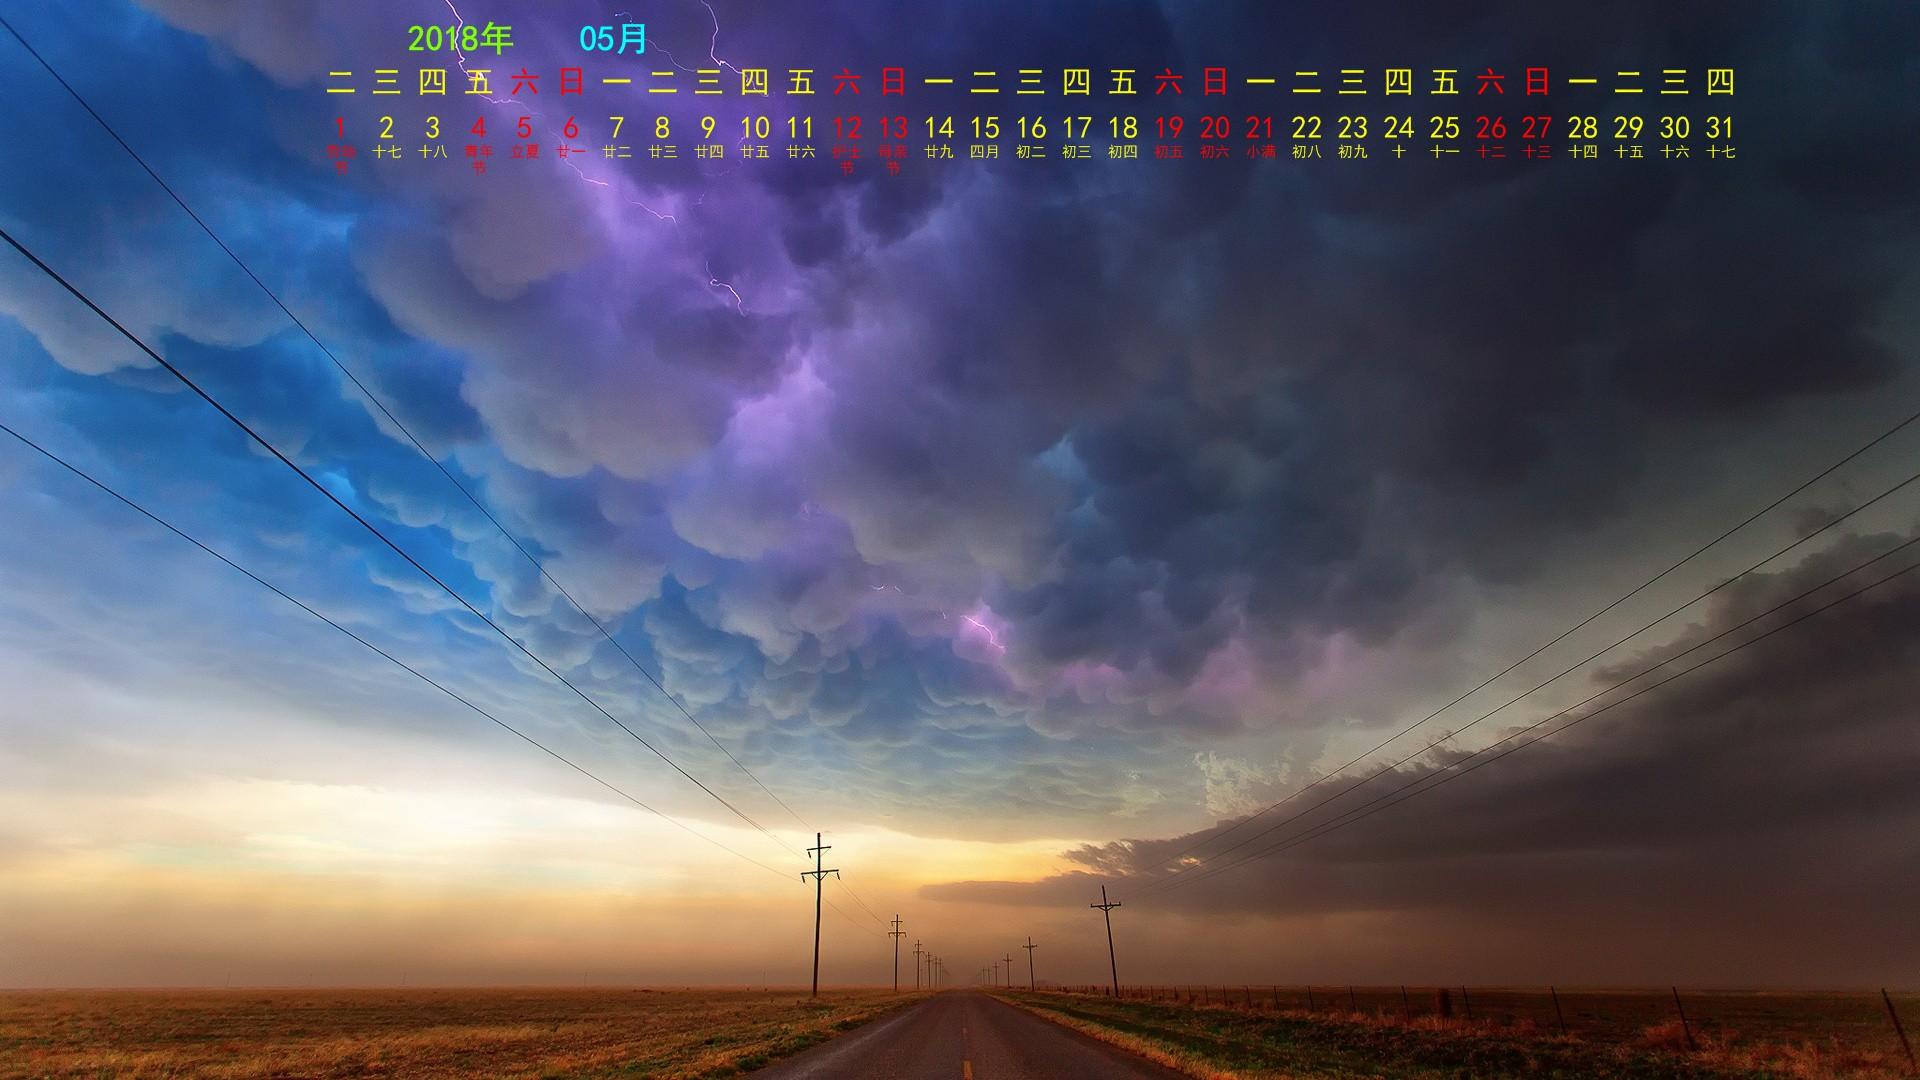 2018年5月风景宽月历(1920x1080)壁纸 - 桌面壁纸